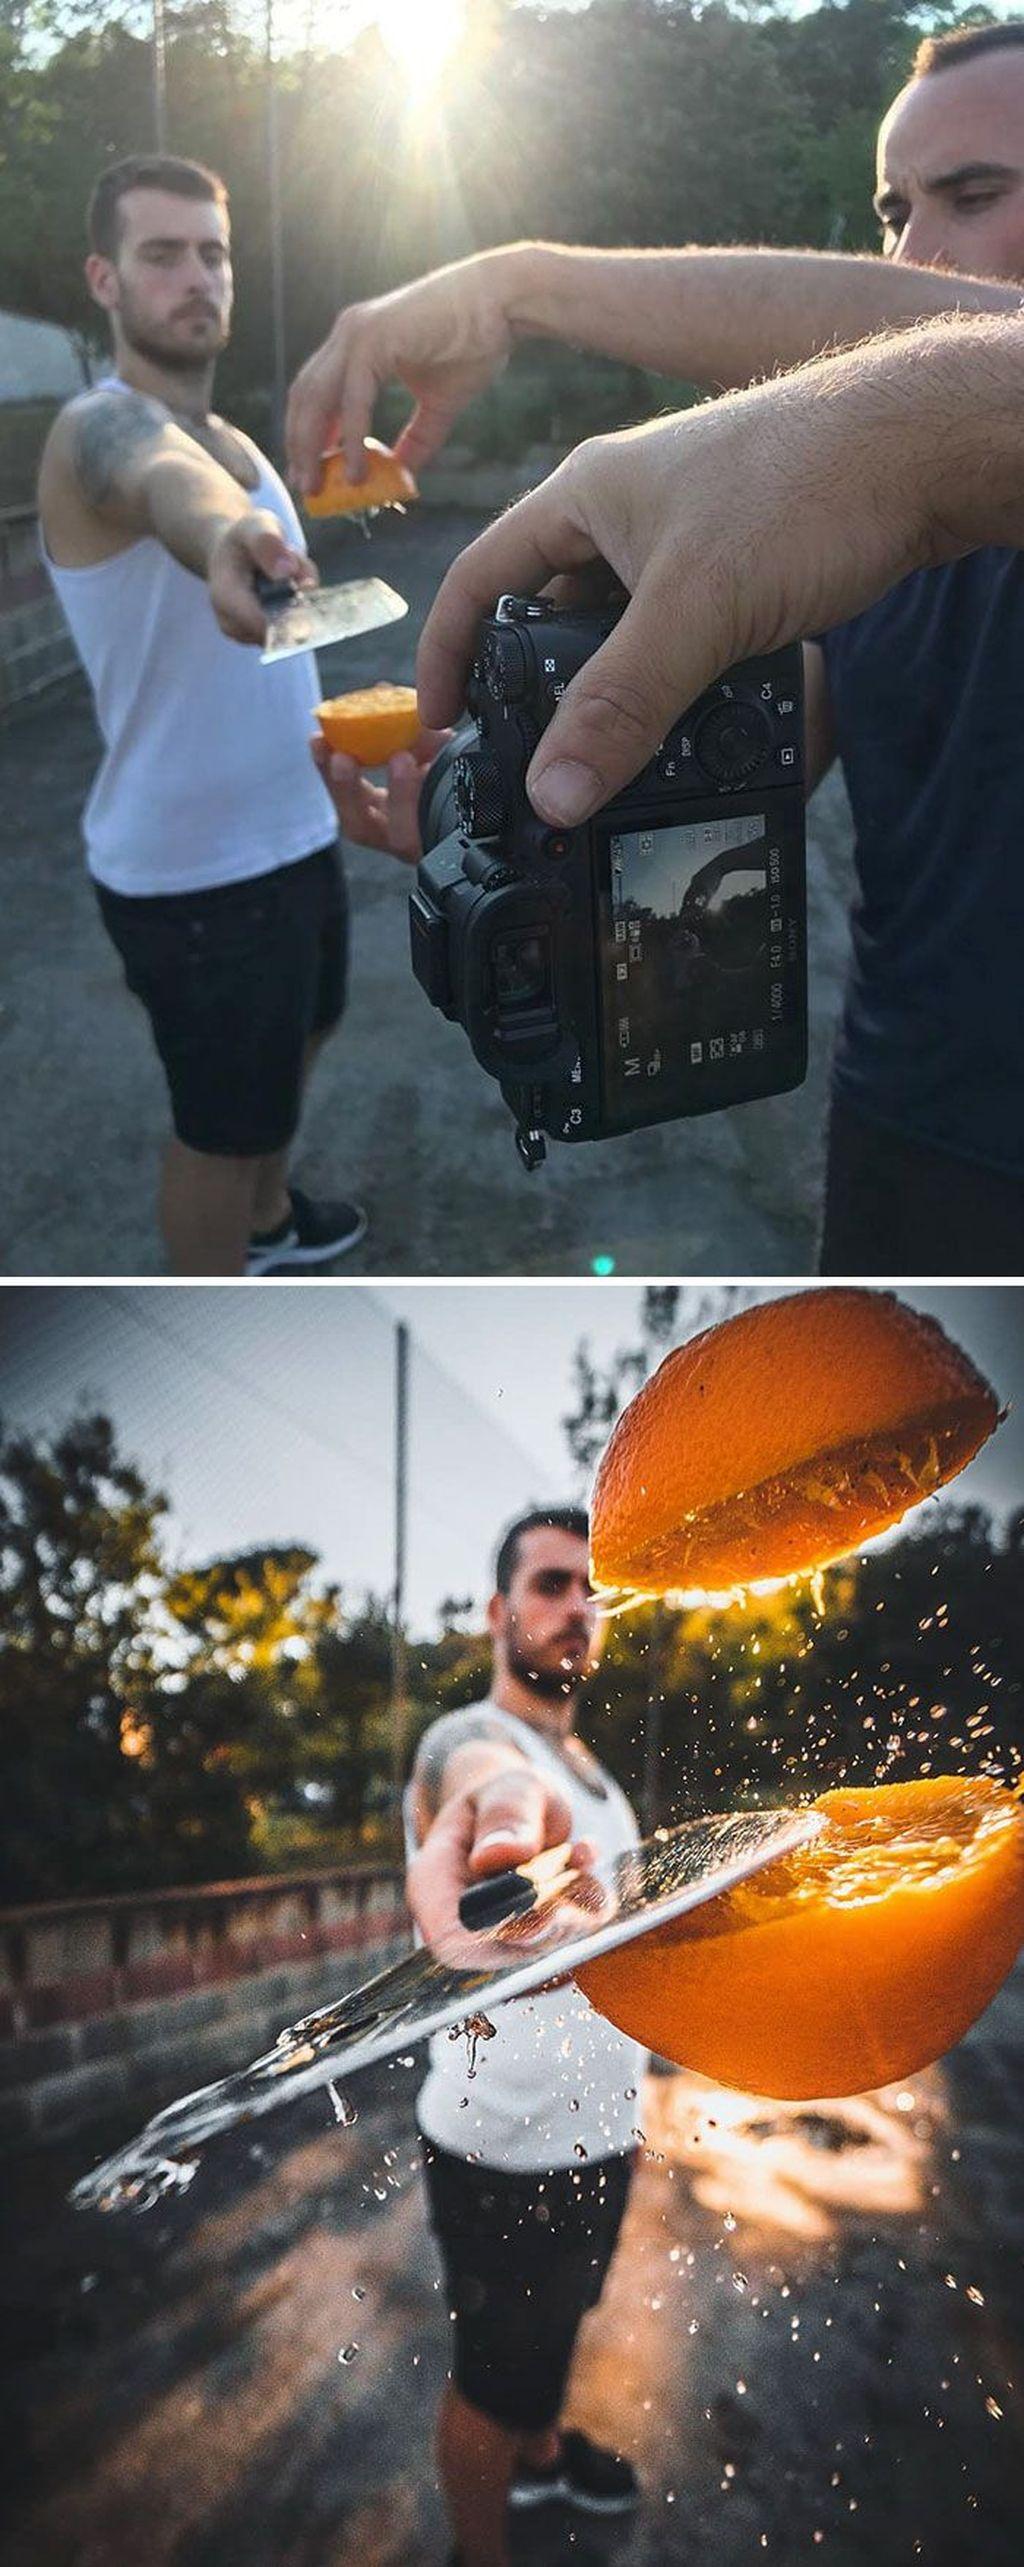 Membelah jeruk. Foto: instagram.com/jordi.koalitic